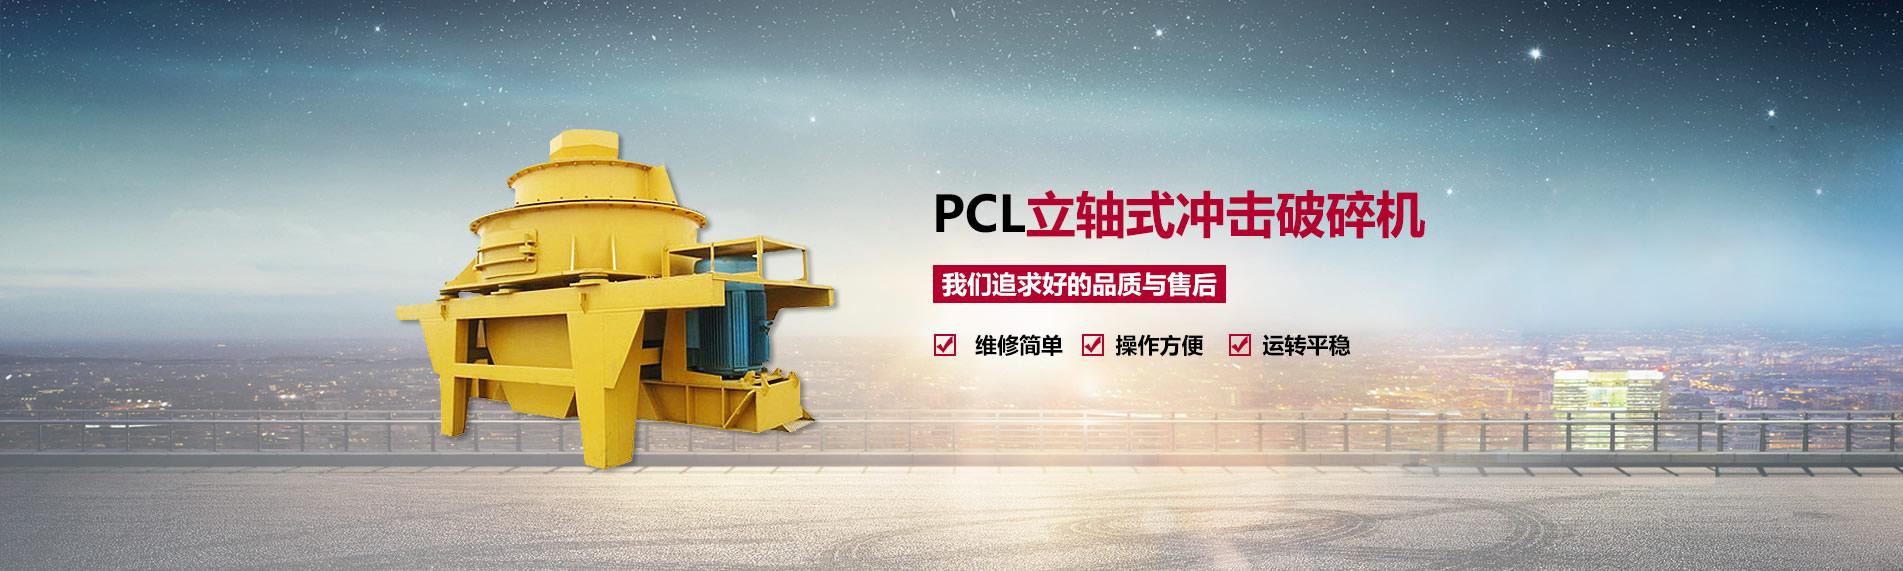 秦星重工PCL立轴冲击式破碎机